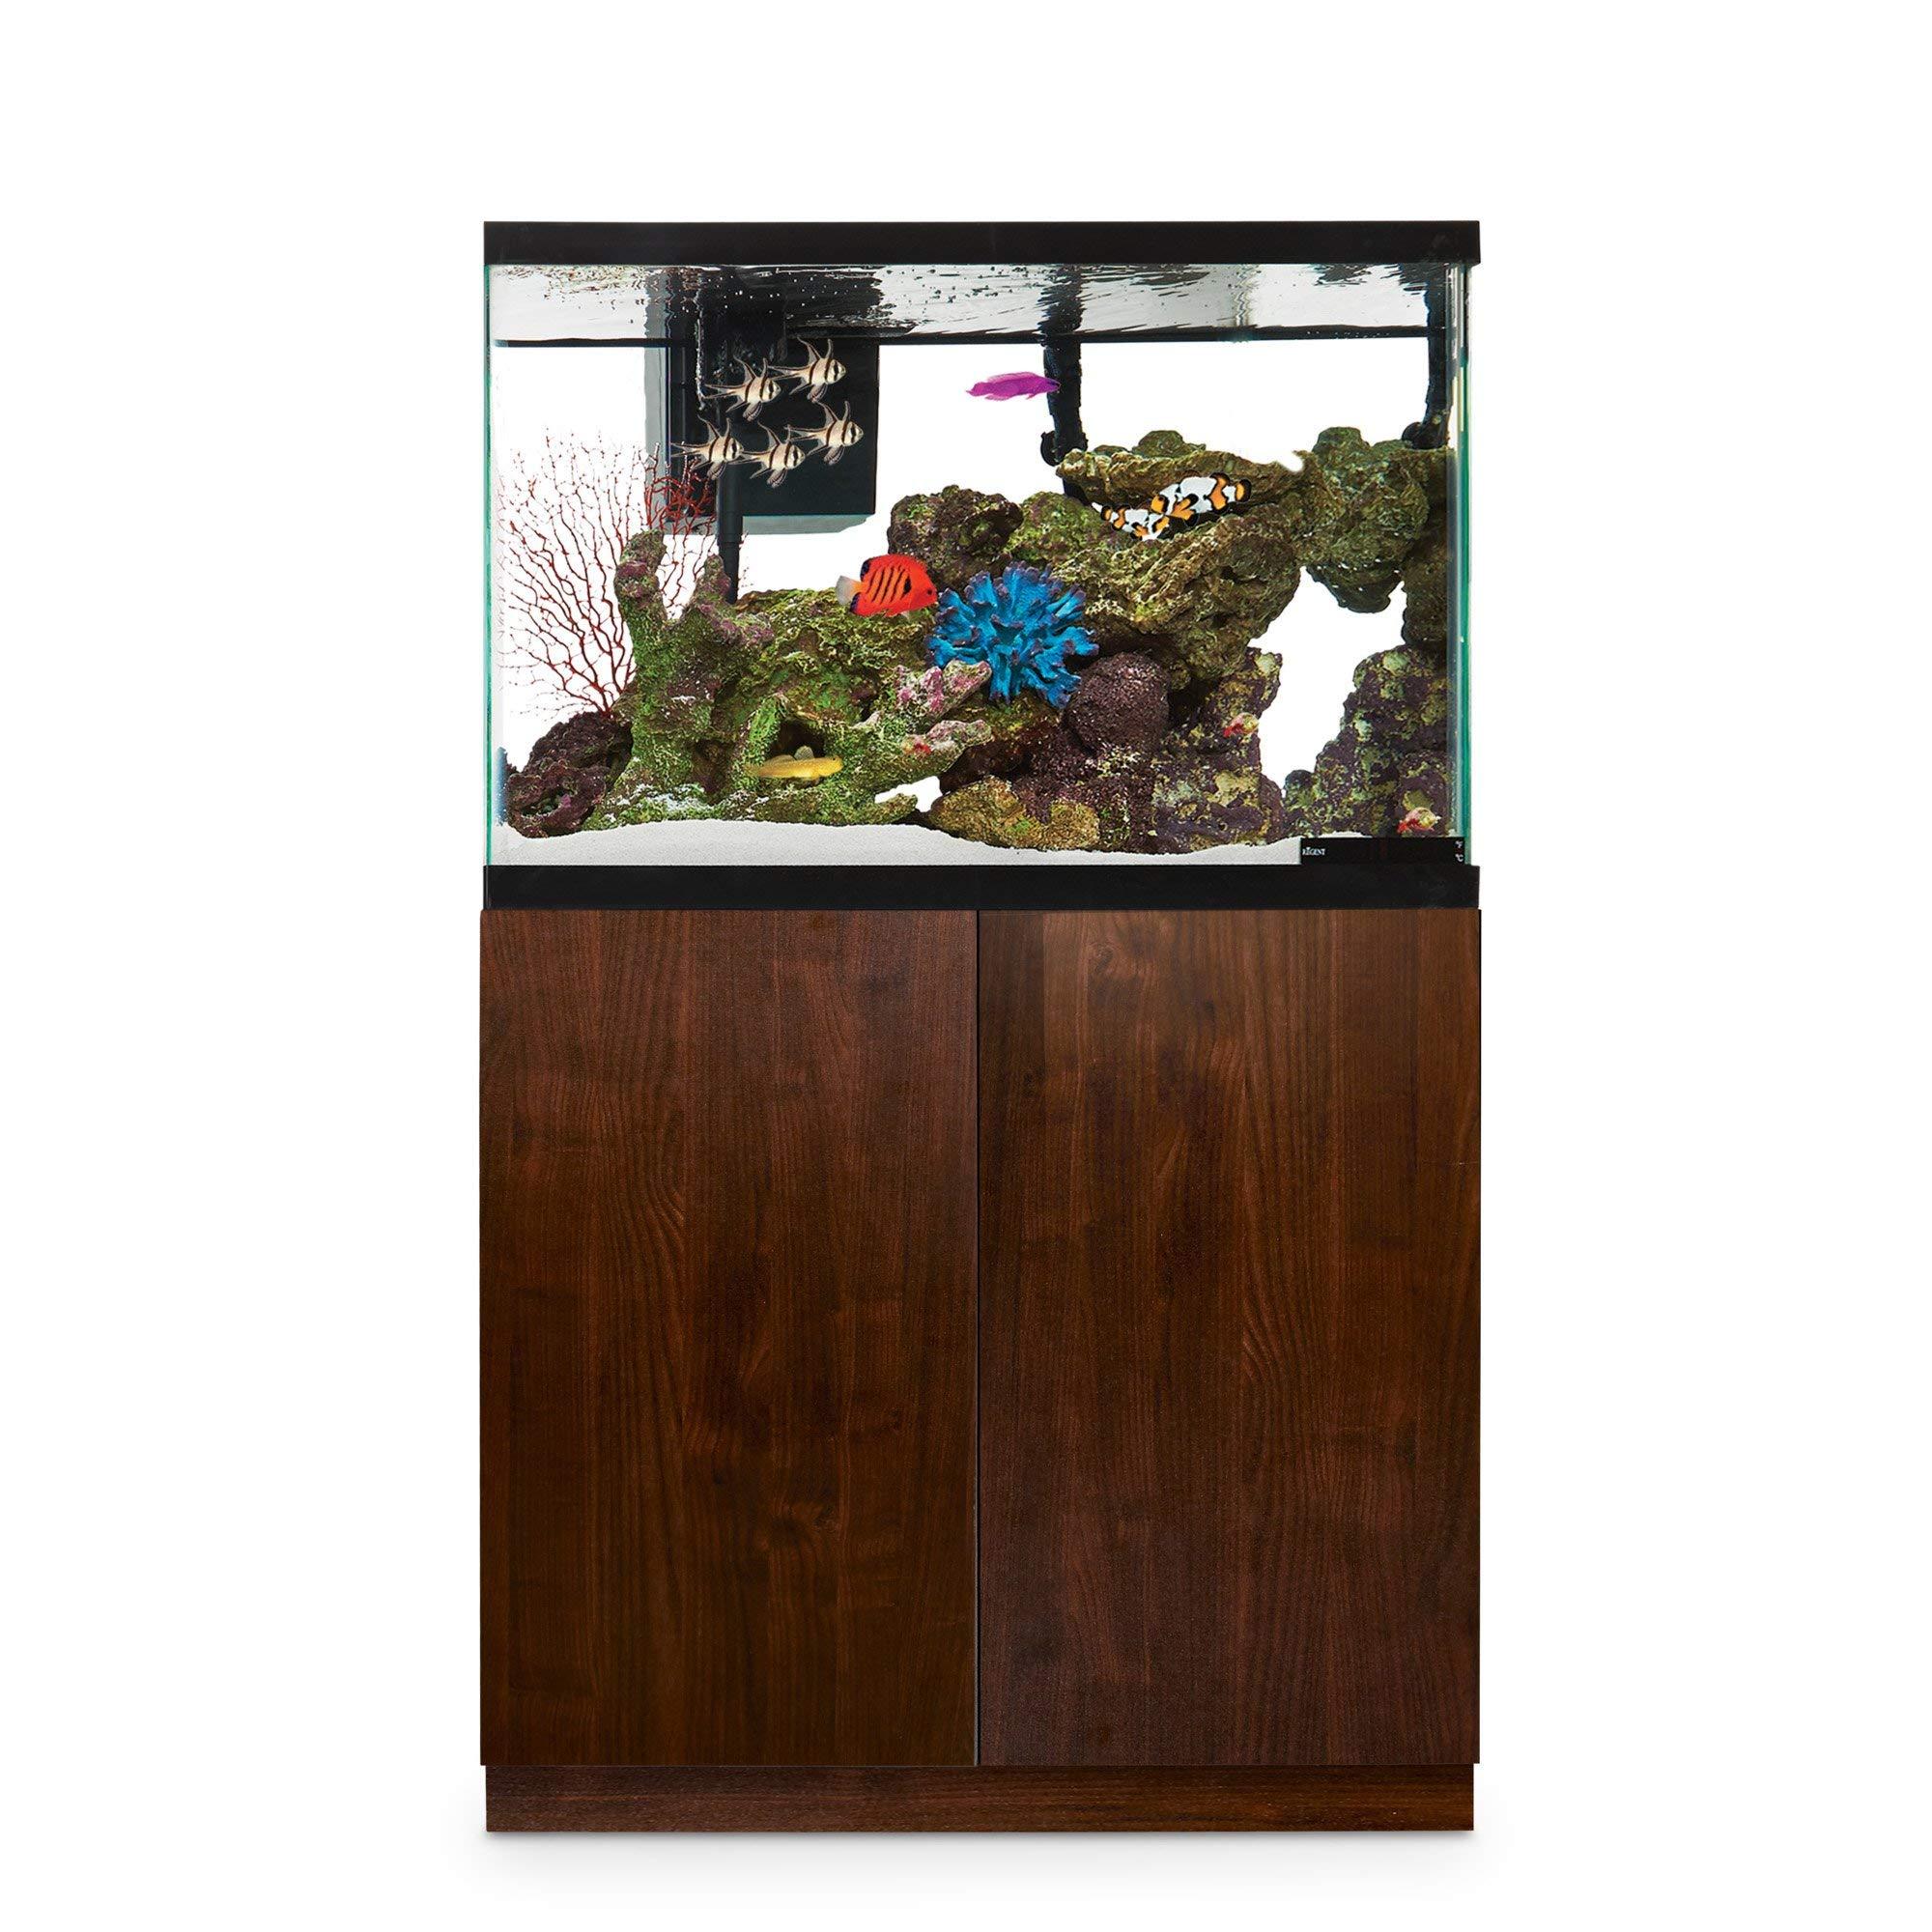 Imagitarium Faux Woodgrain Fish Tank Stand, Up to 40 Gal, 18.25 in, Natural Wood